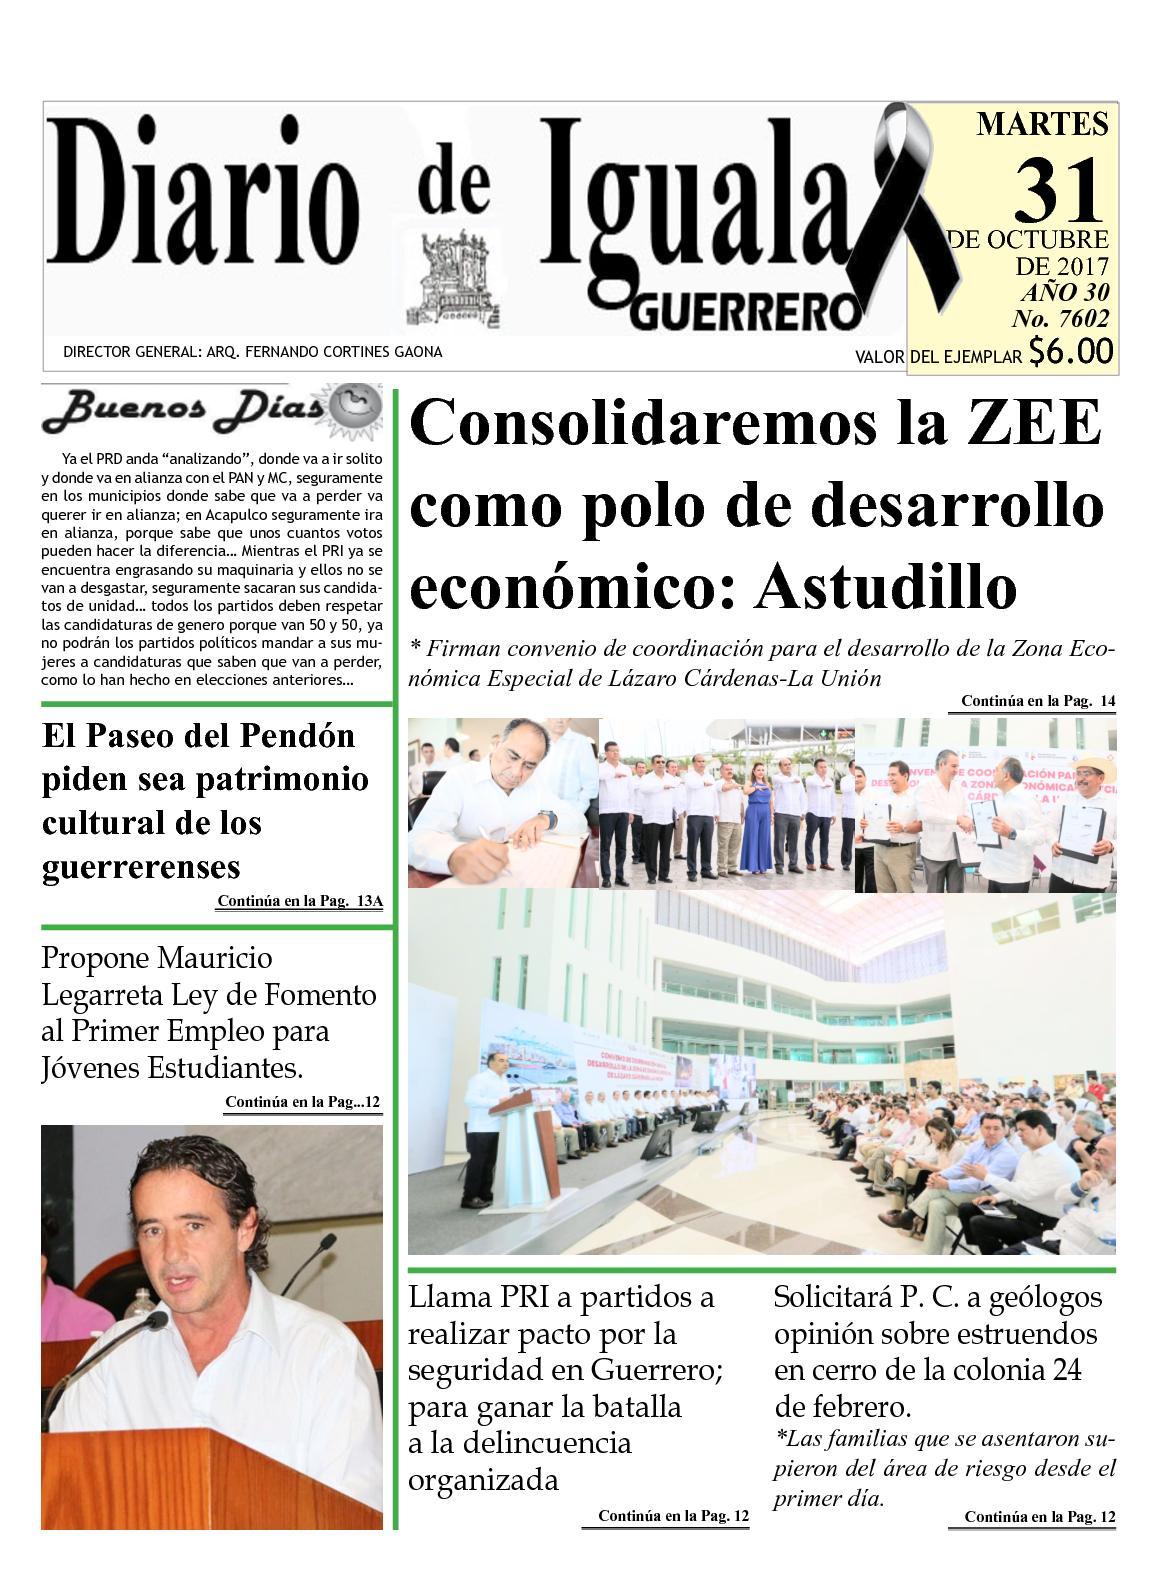 Diario De Iguala Martes 31 De Octubre De 2017 Completo